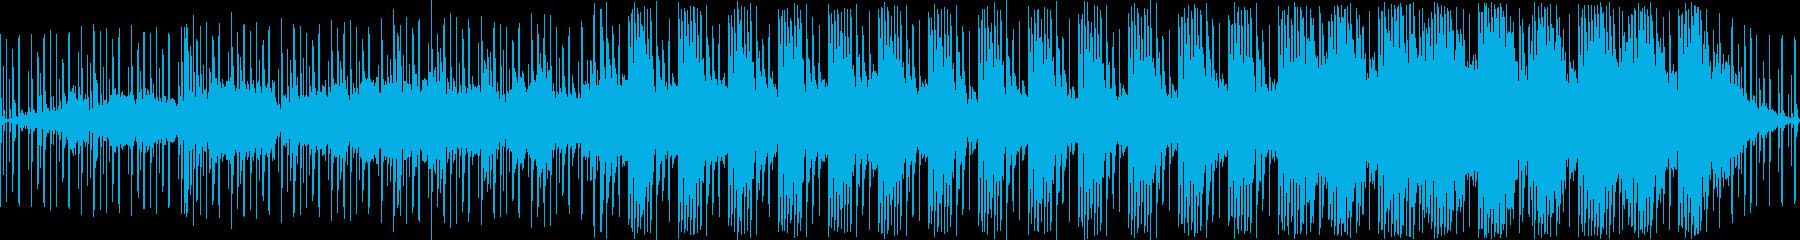 ダークで落ち着いた感じの曲(ループ)の再生済みの波形